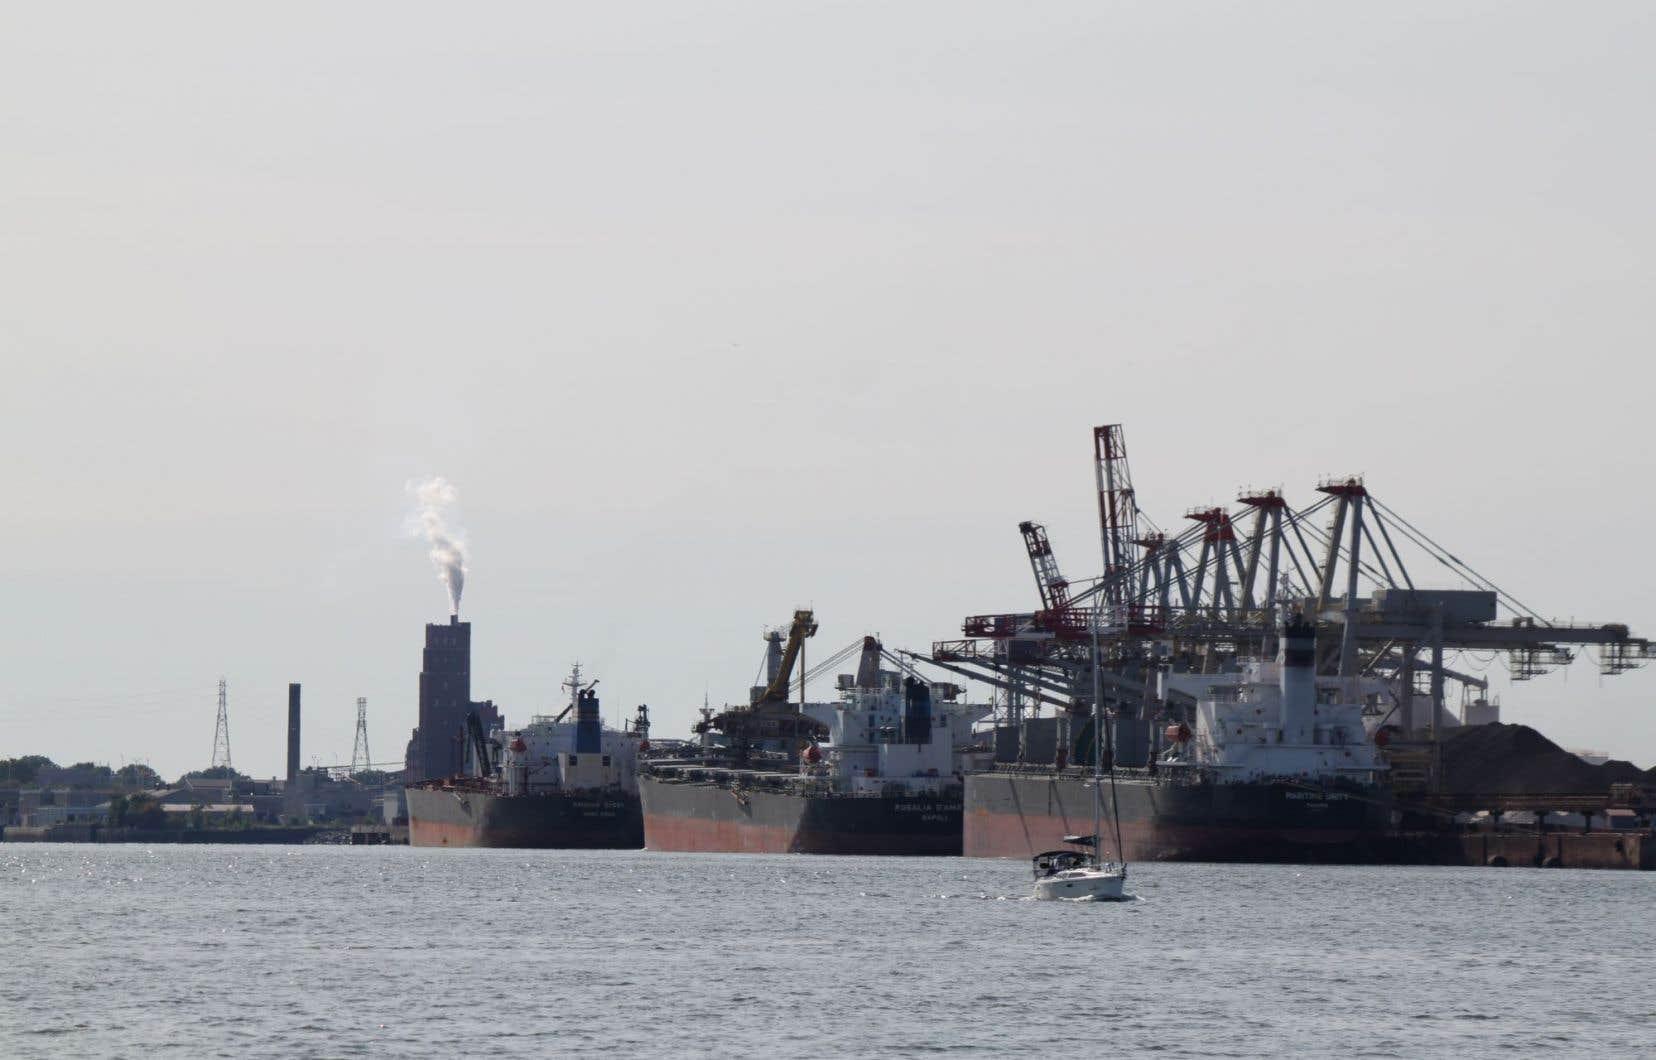 Dans une lettre transmise au «Devoir» mardi, Jean Gauthier, Pierre Laporte et Harvey Mead demandent au ministère de l'Environnement québécois de revenir sur sa décision et d'assujettir l'administration portuaire de Québec au processus québécois d'évaluation environnementale.